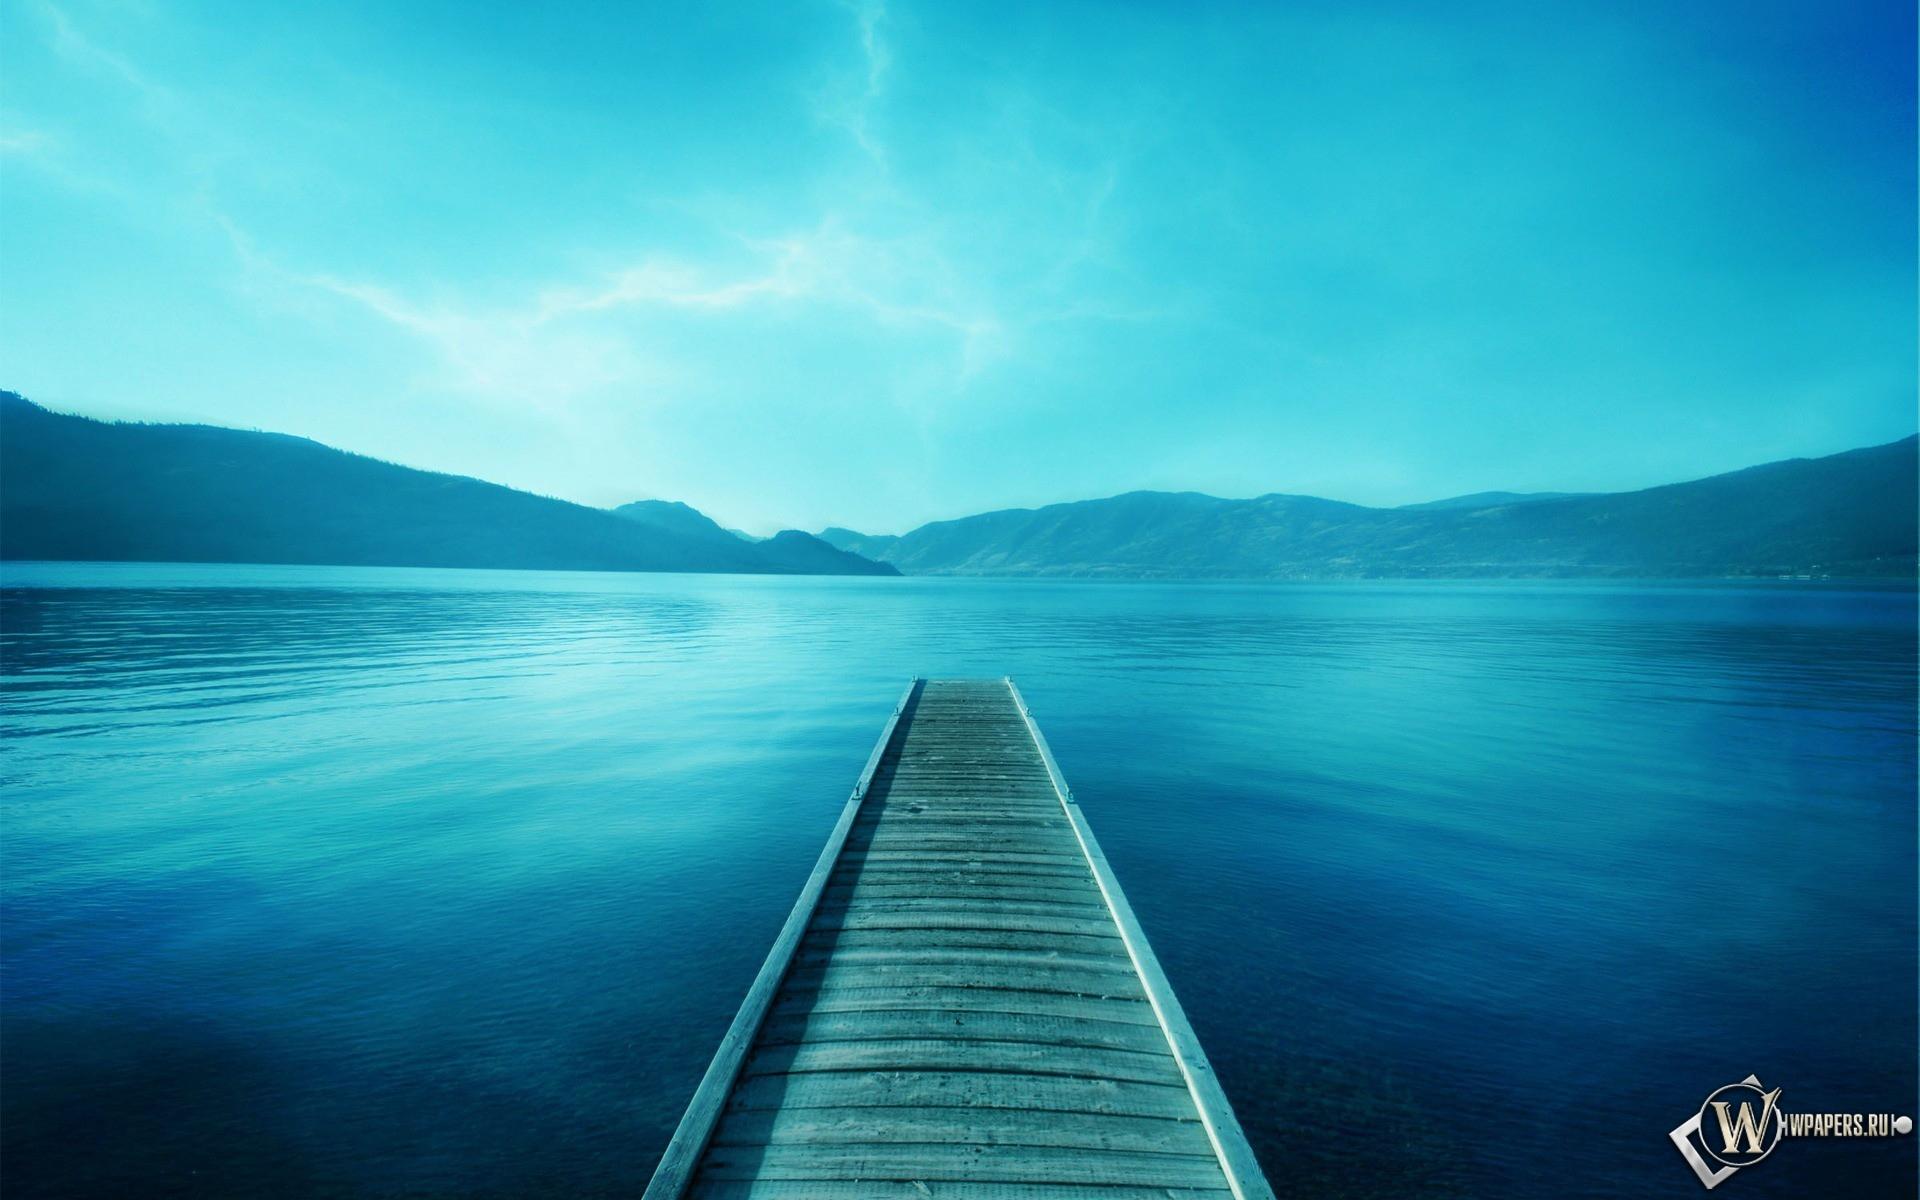 Мостик в озеро 1920x1200